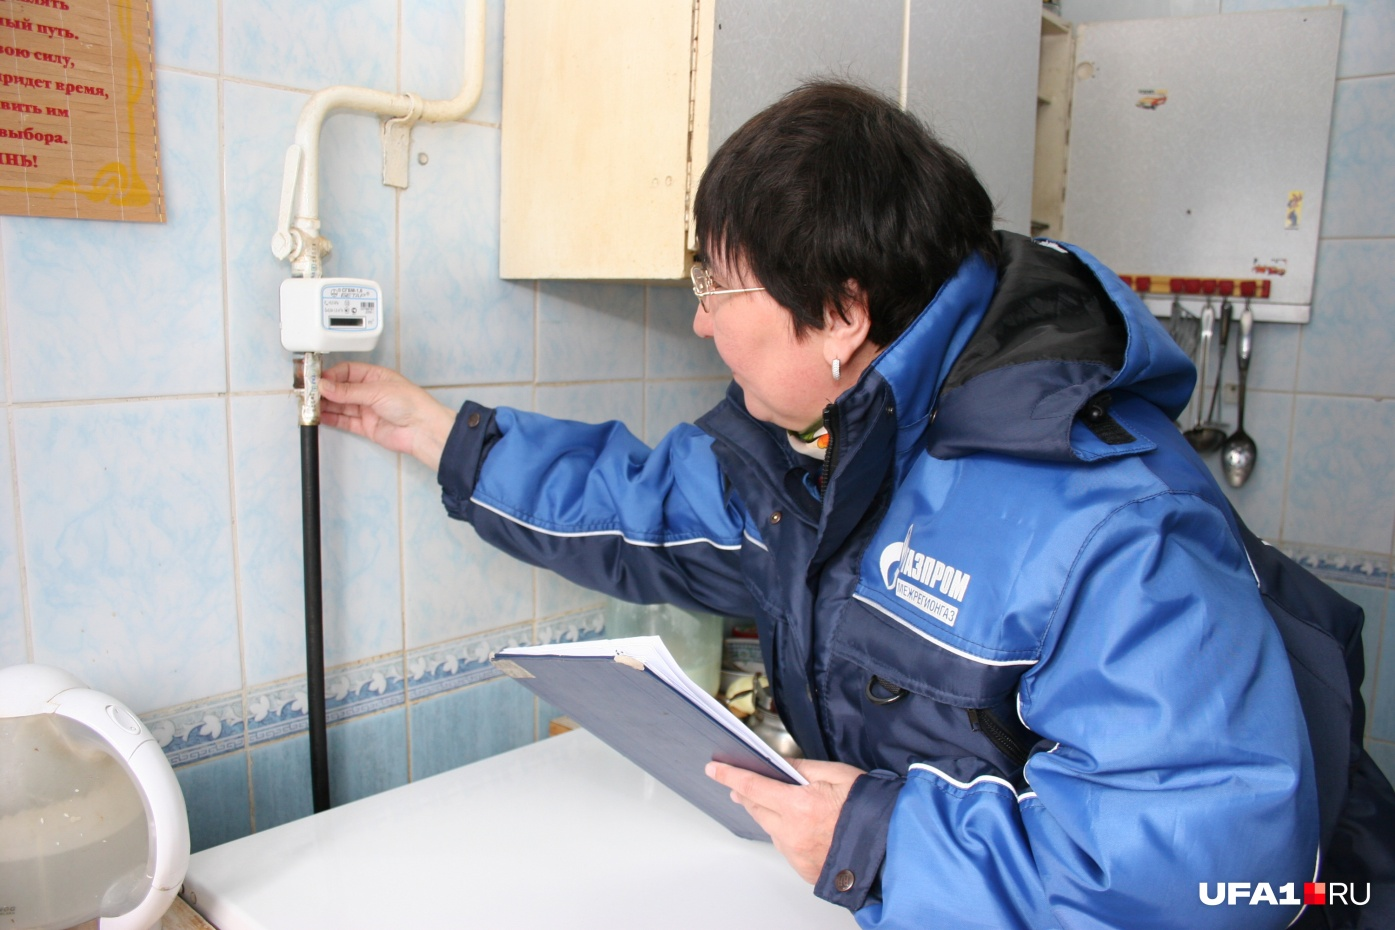 Ответственность за газовое оборудование переложили на плечи собственников квартир